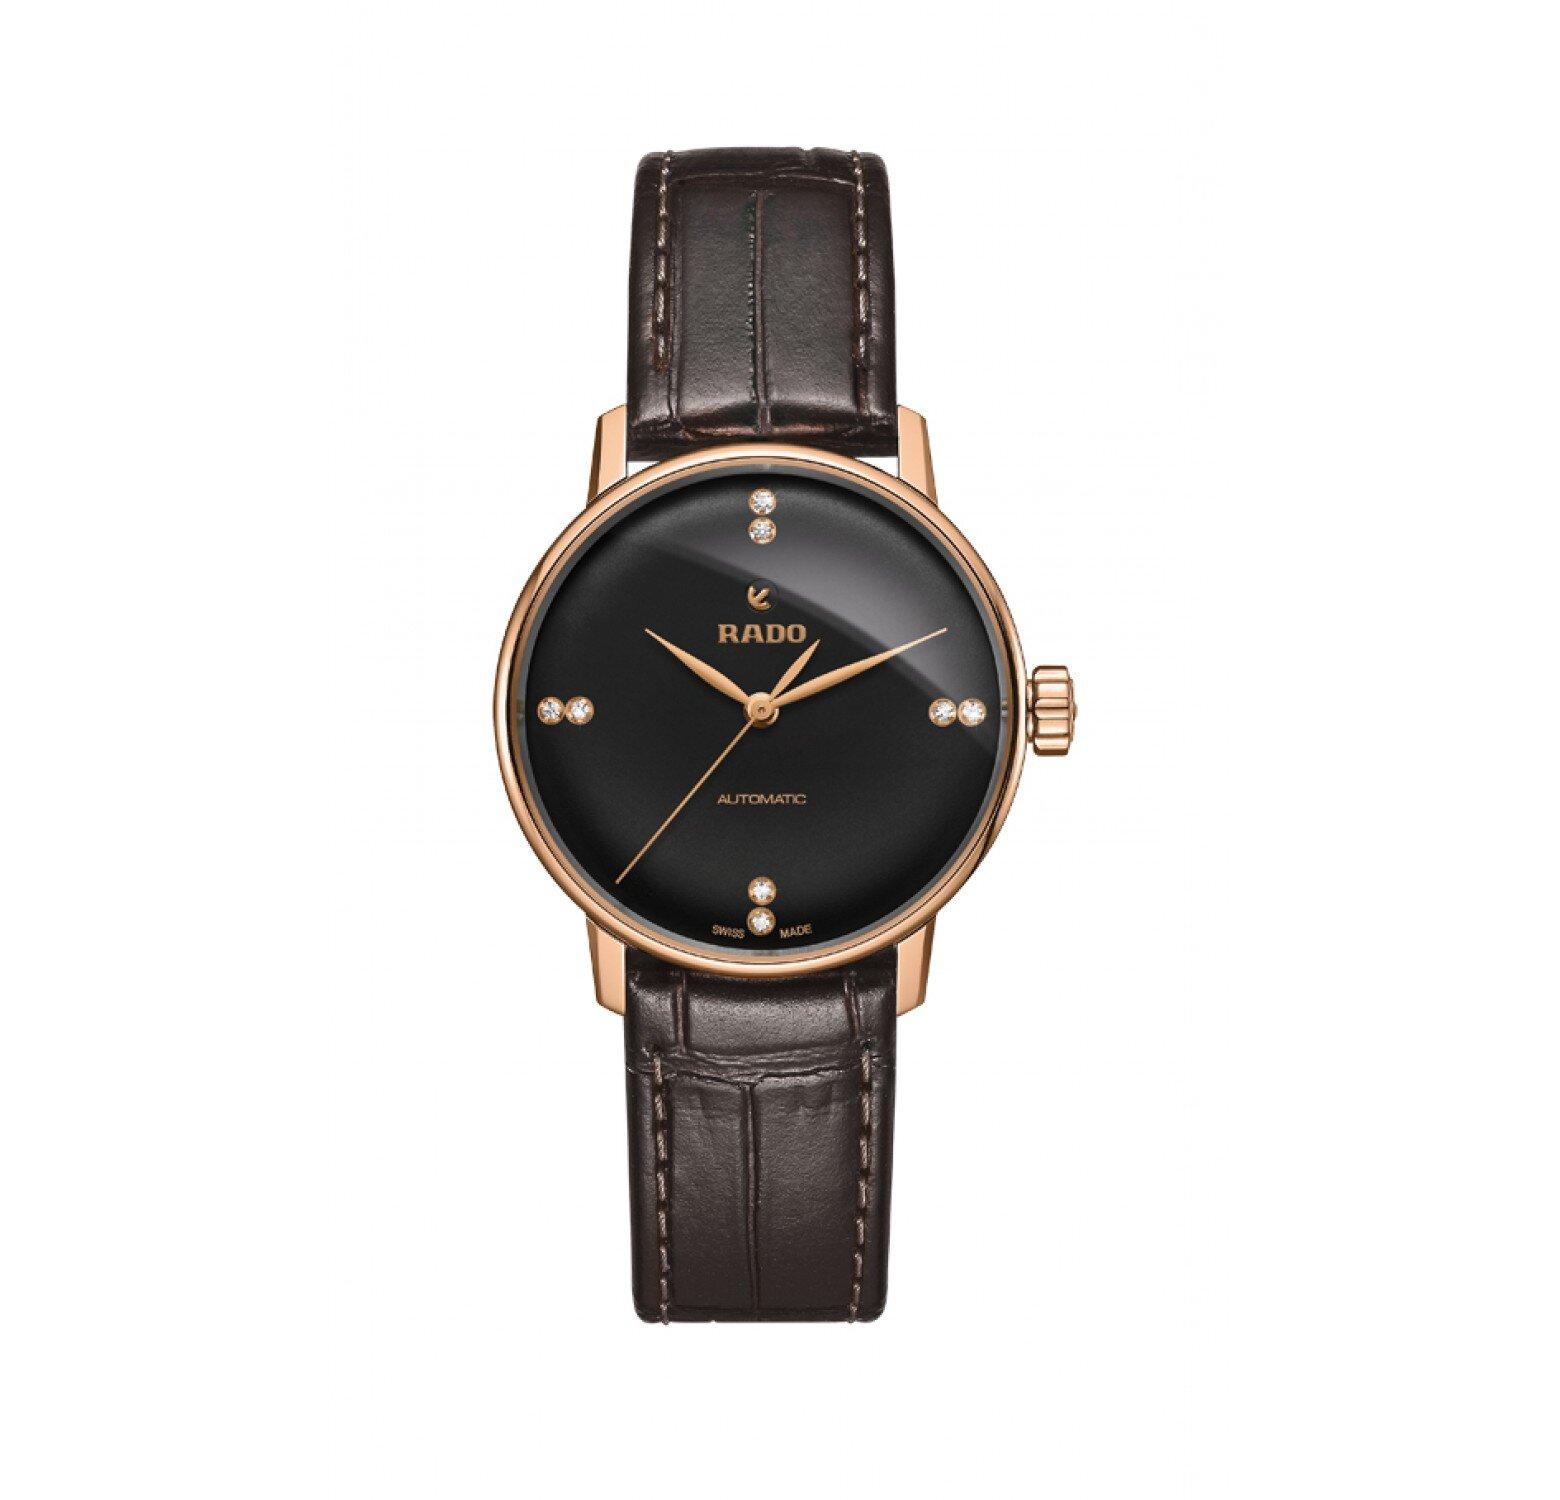 Bảng giá đồng hồ Rado chính hãng cho nữ giới